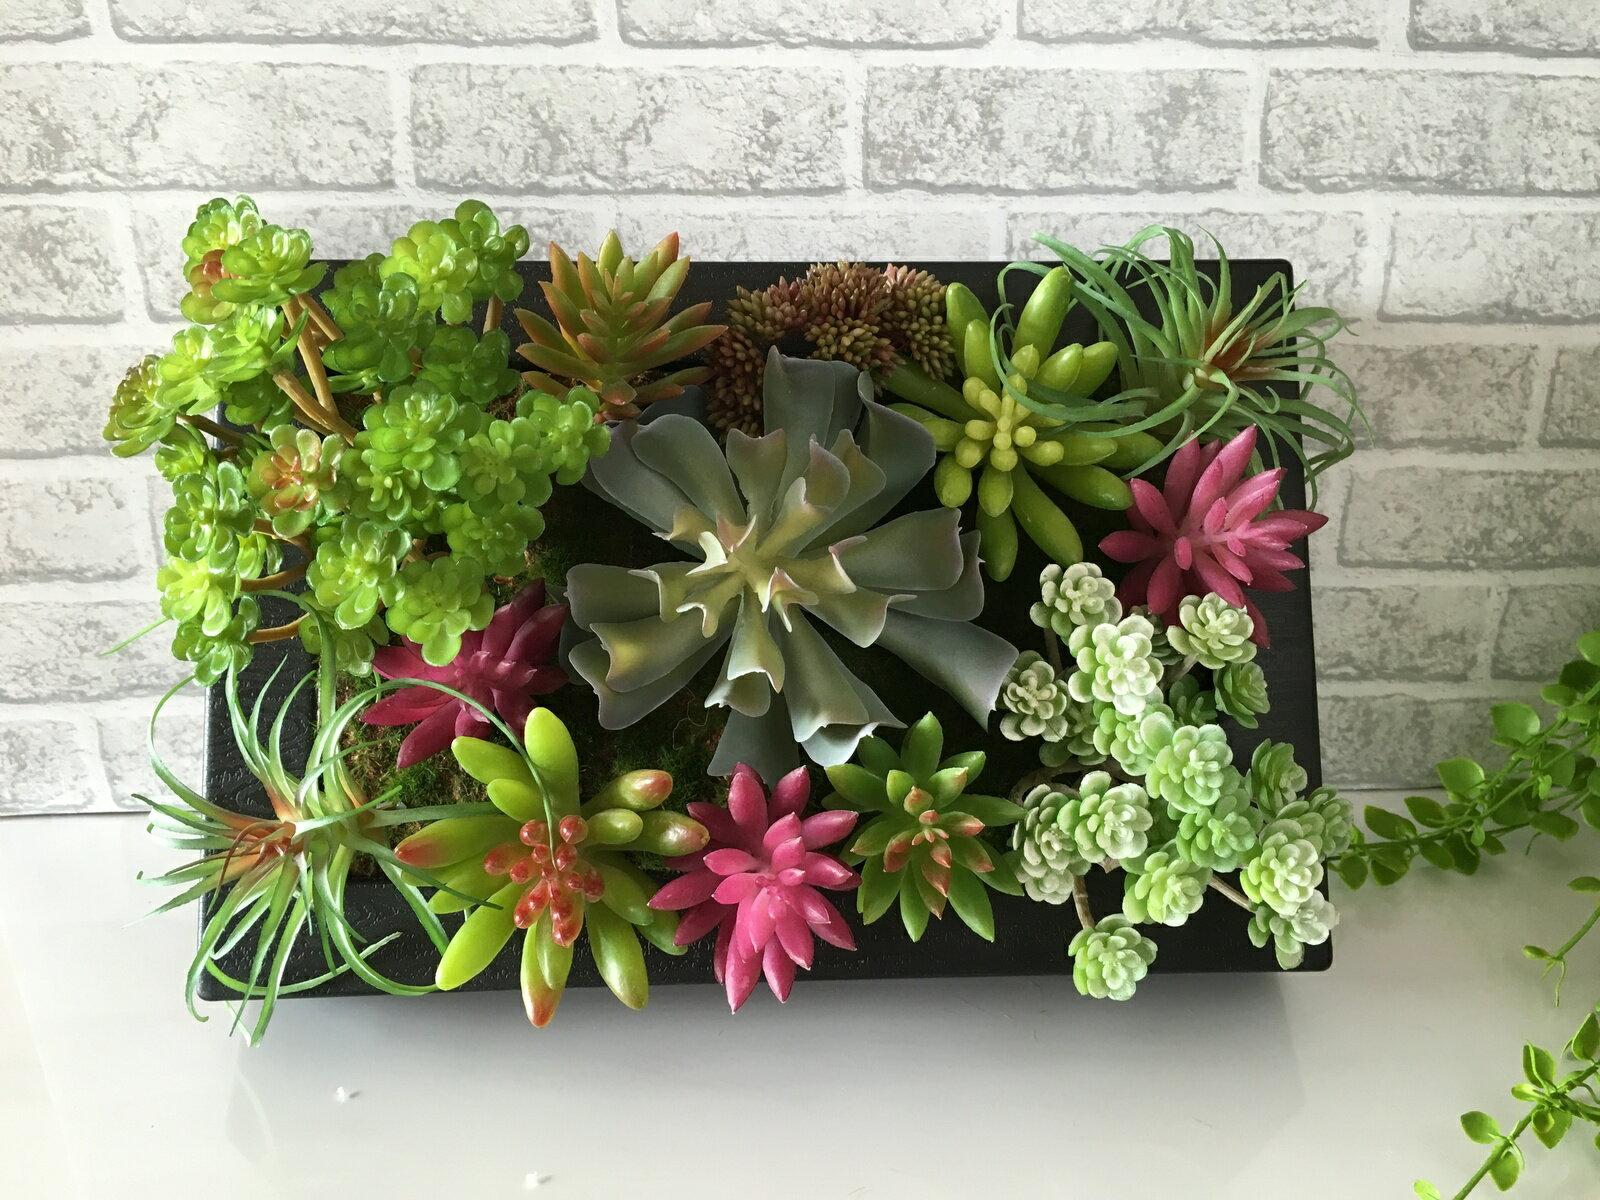 観葉植物 開店祝い / 新築祝い 開業祝い timber アートパネル 多肉植物